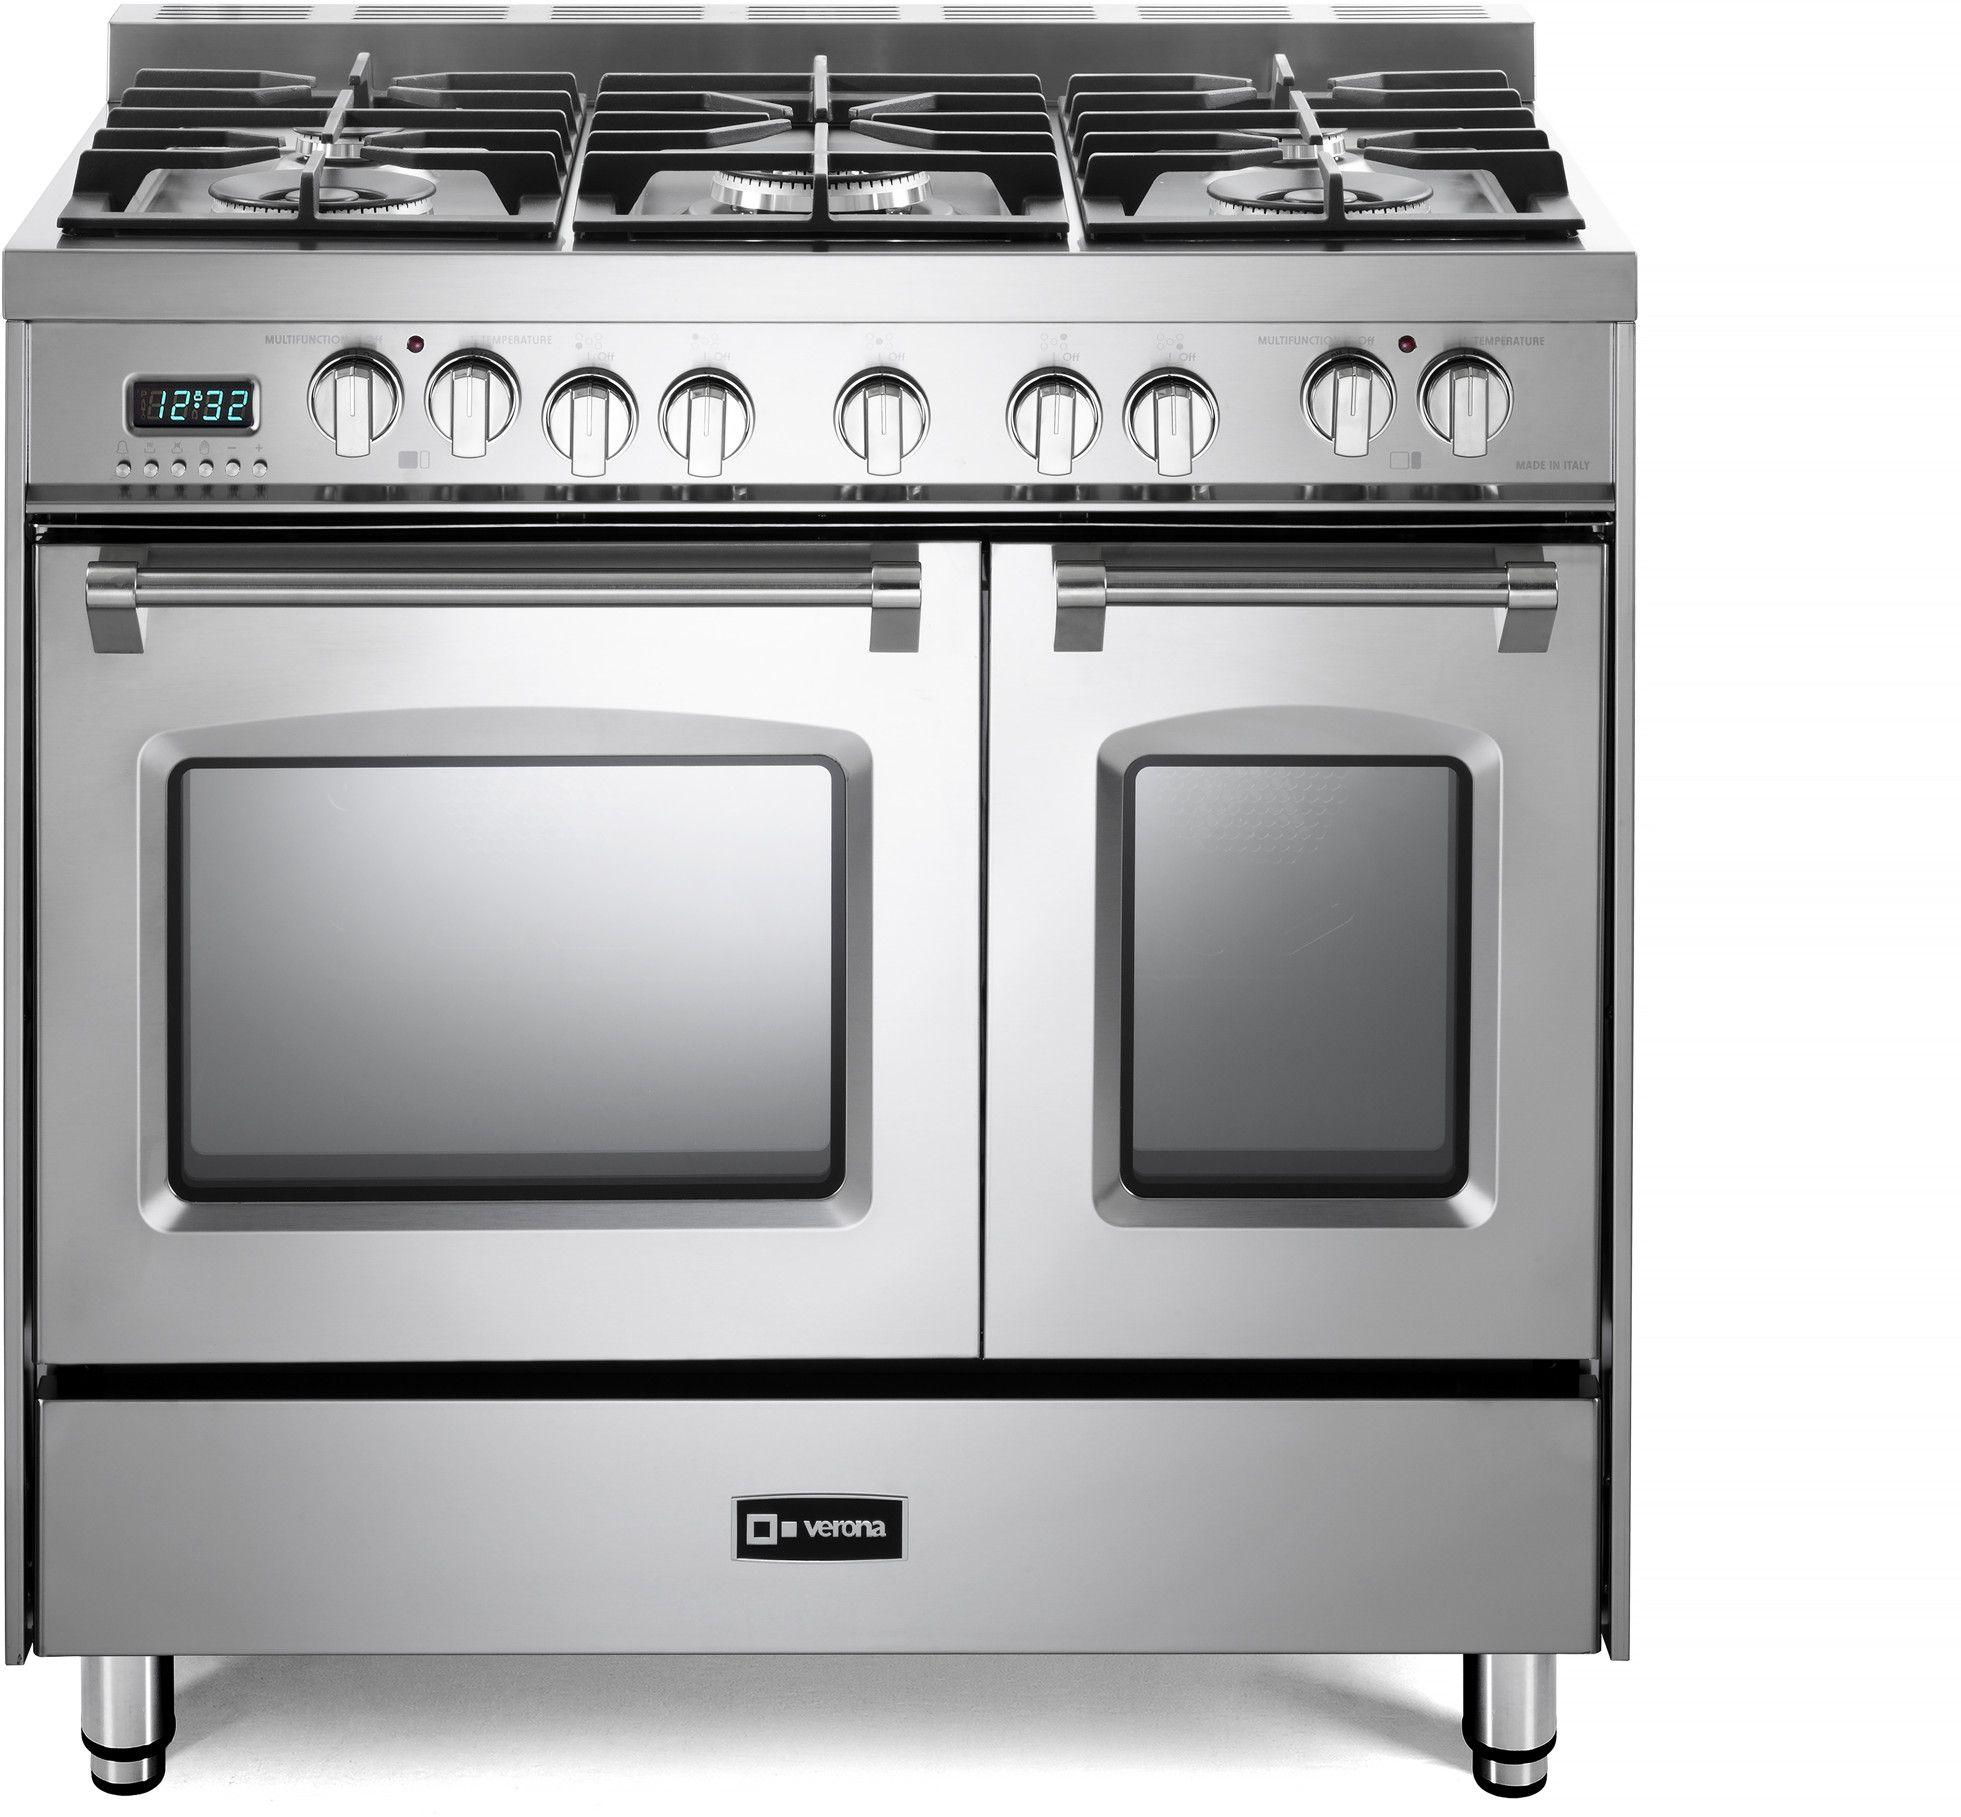 Verona Prestige Series Vpfsge365dss In 2020 Stainless Steel Oven Double Oven Range Gas Oven